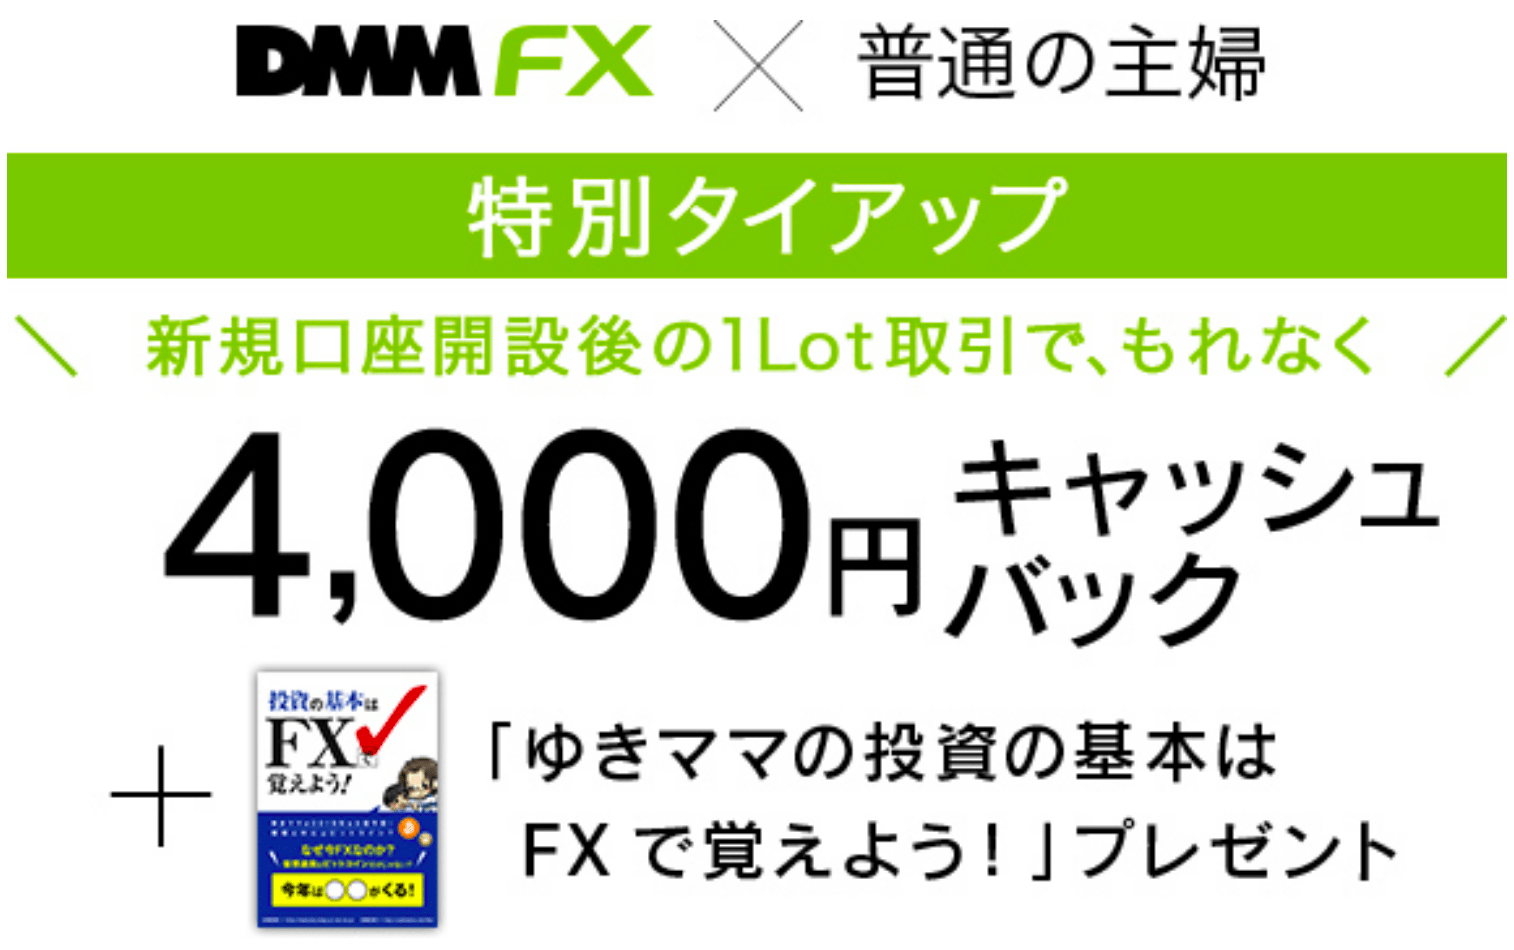 ゆきママも使ってるDMM FX!ブログ限定で特製為替レポートプレゼント中!【最大24,000円キャッシュバック】